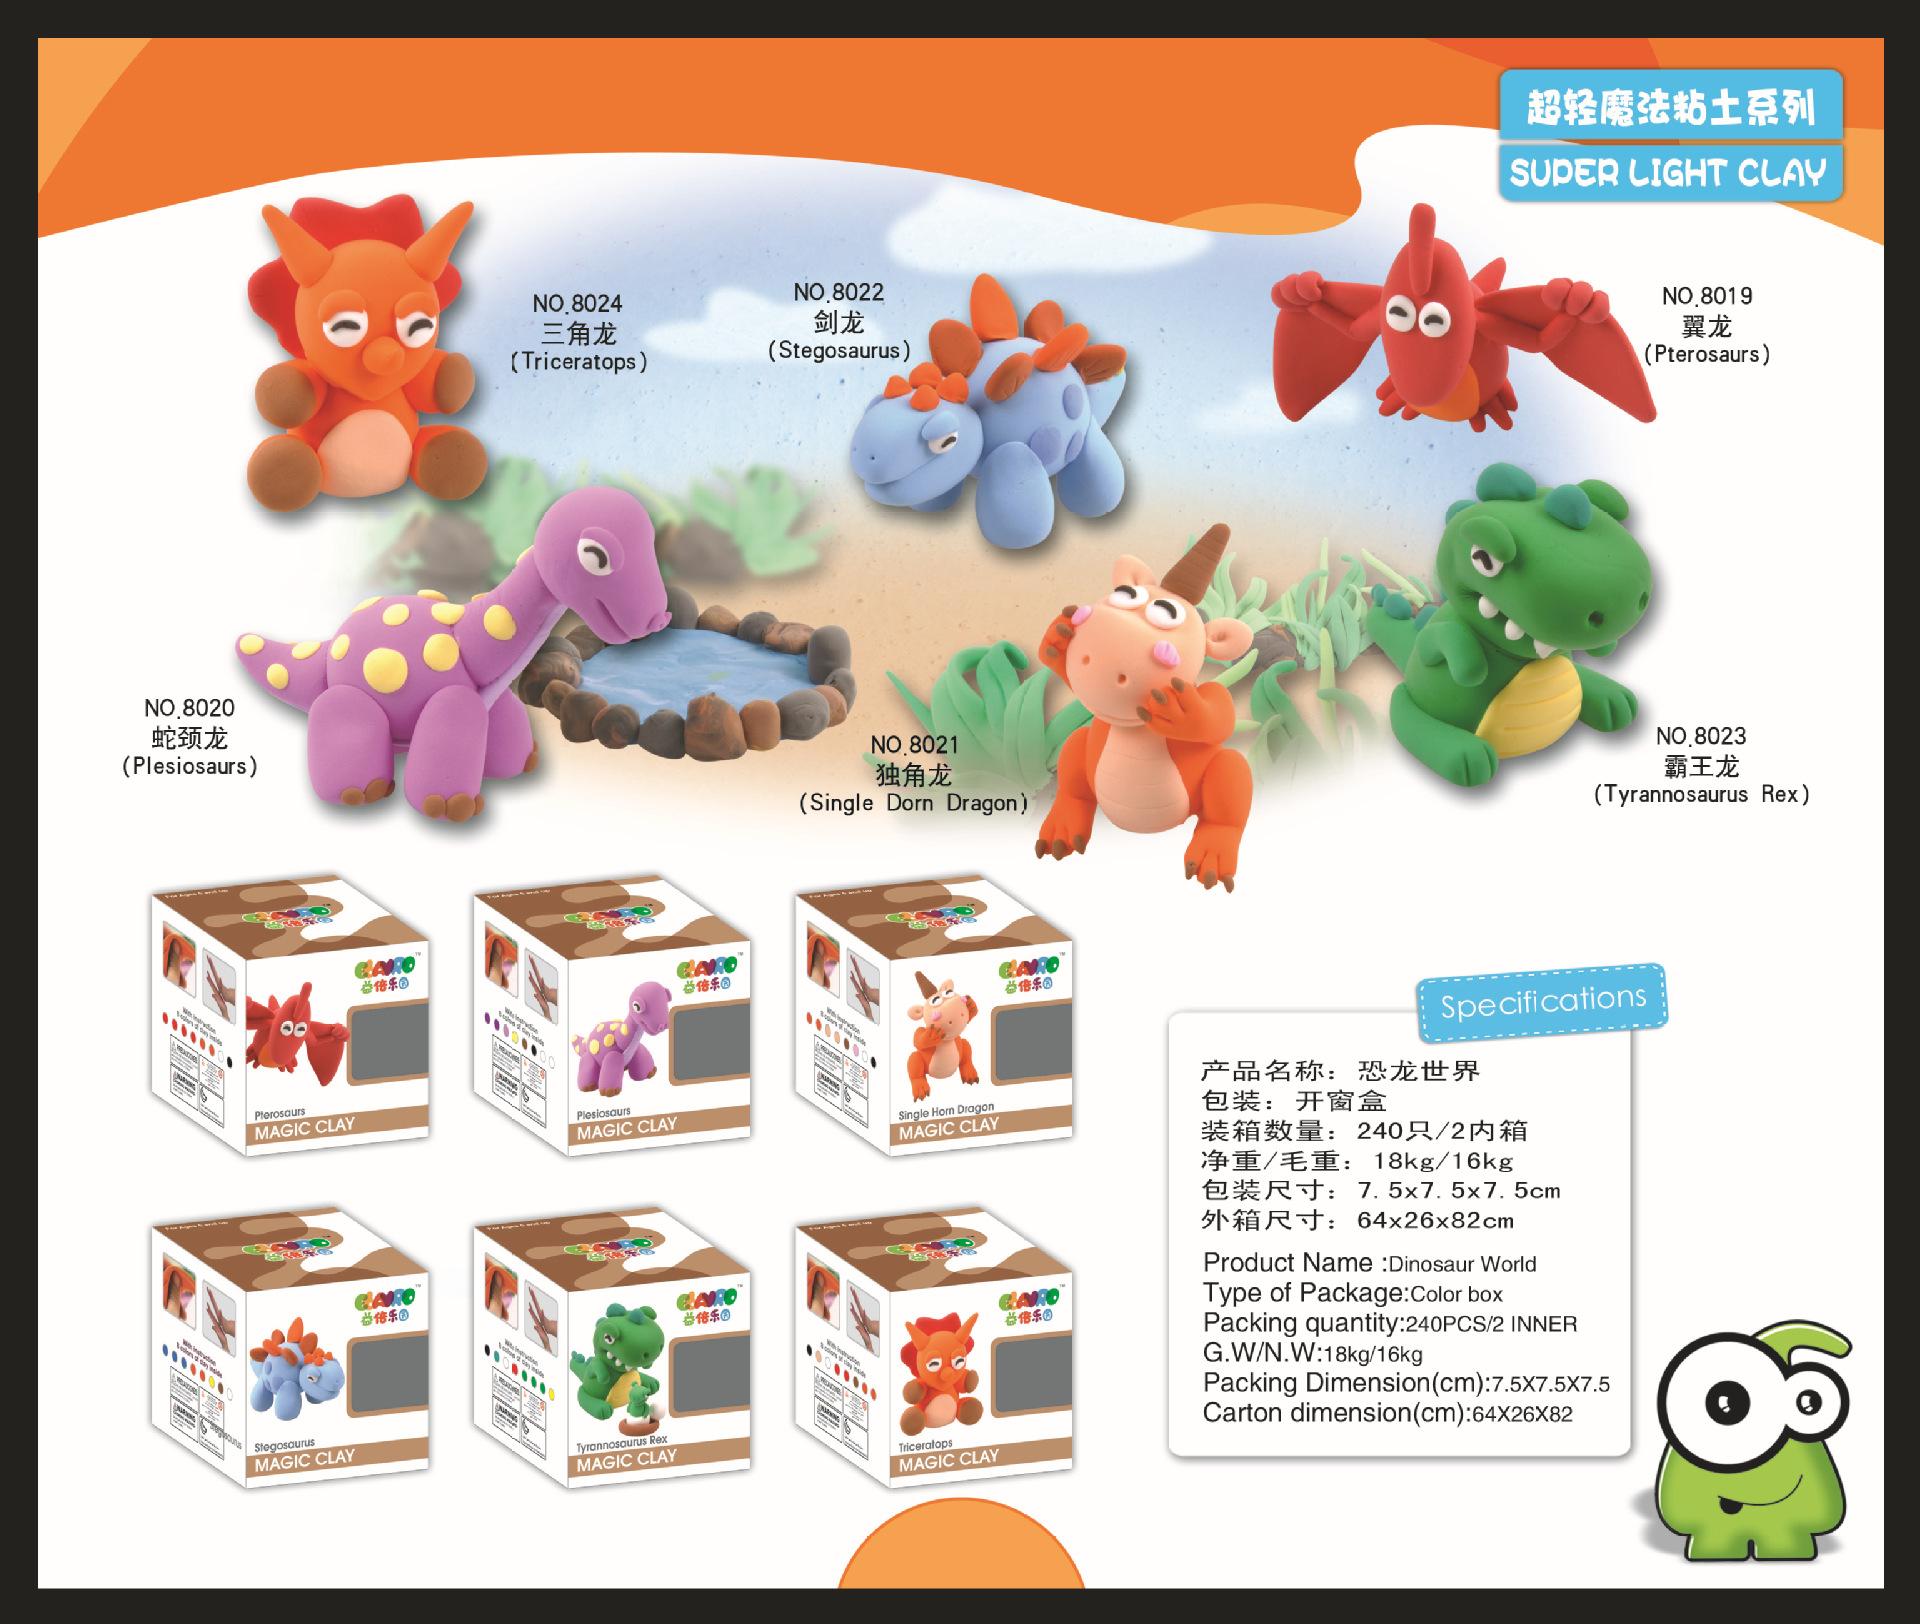 益倍乐园工厂直销彩泥超轻粘土恐龙系列迷你小盒太空泥24色36色泥